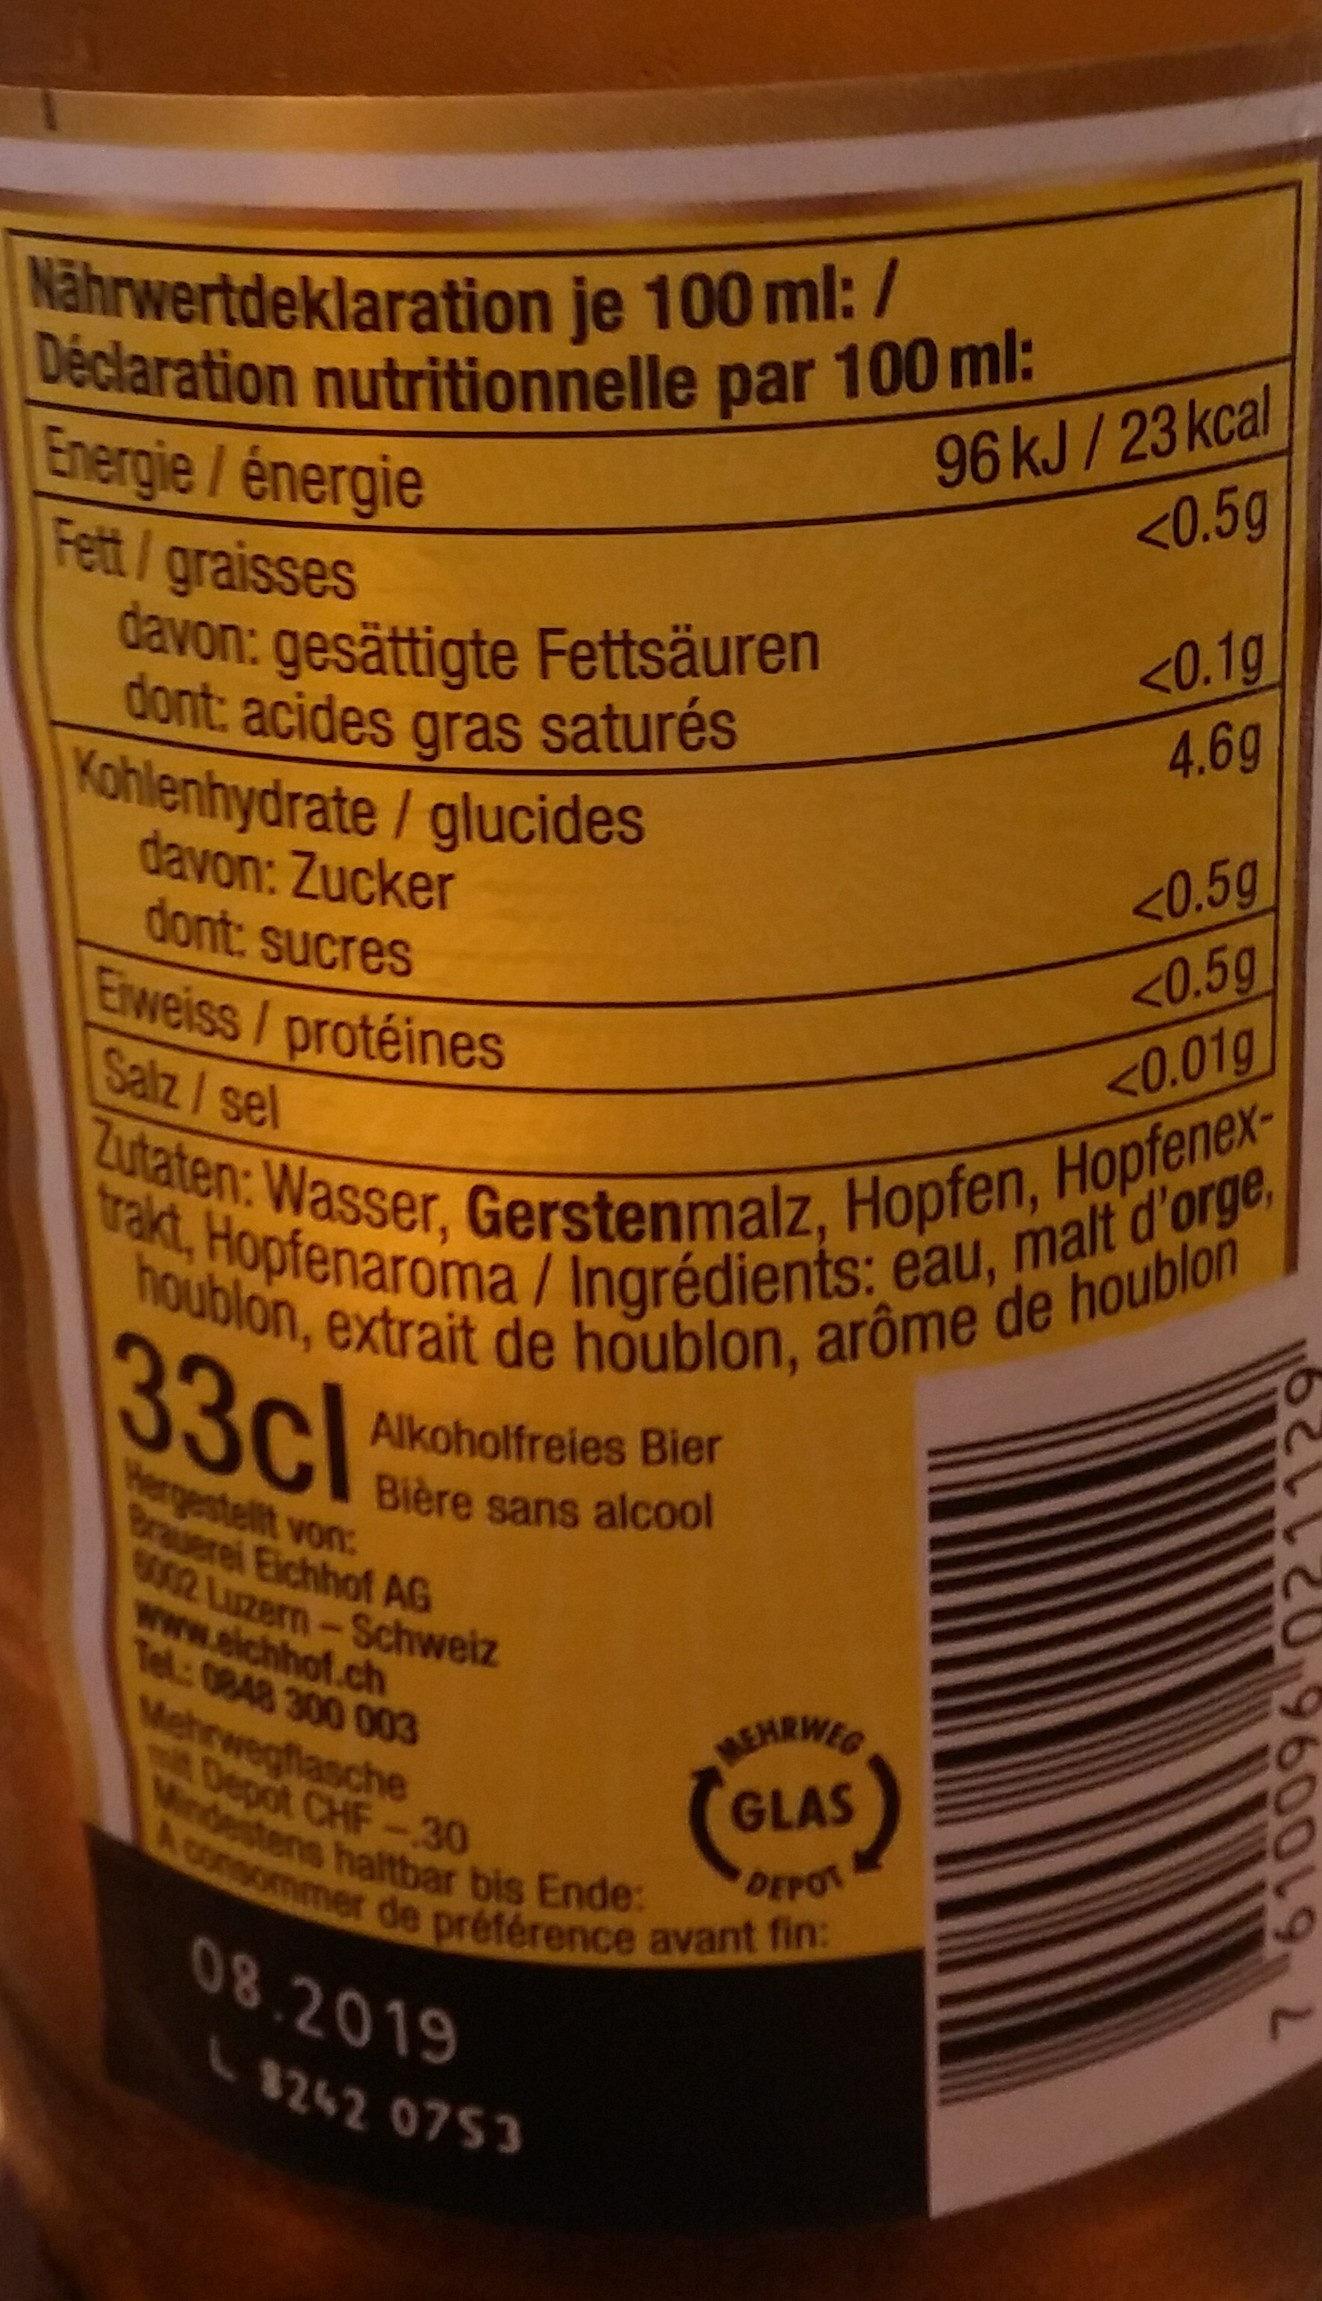 Bière sans alcool - Ingredients - de